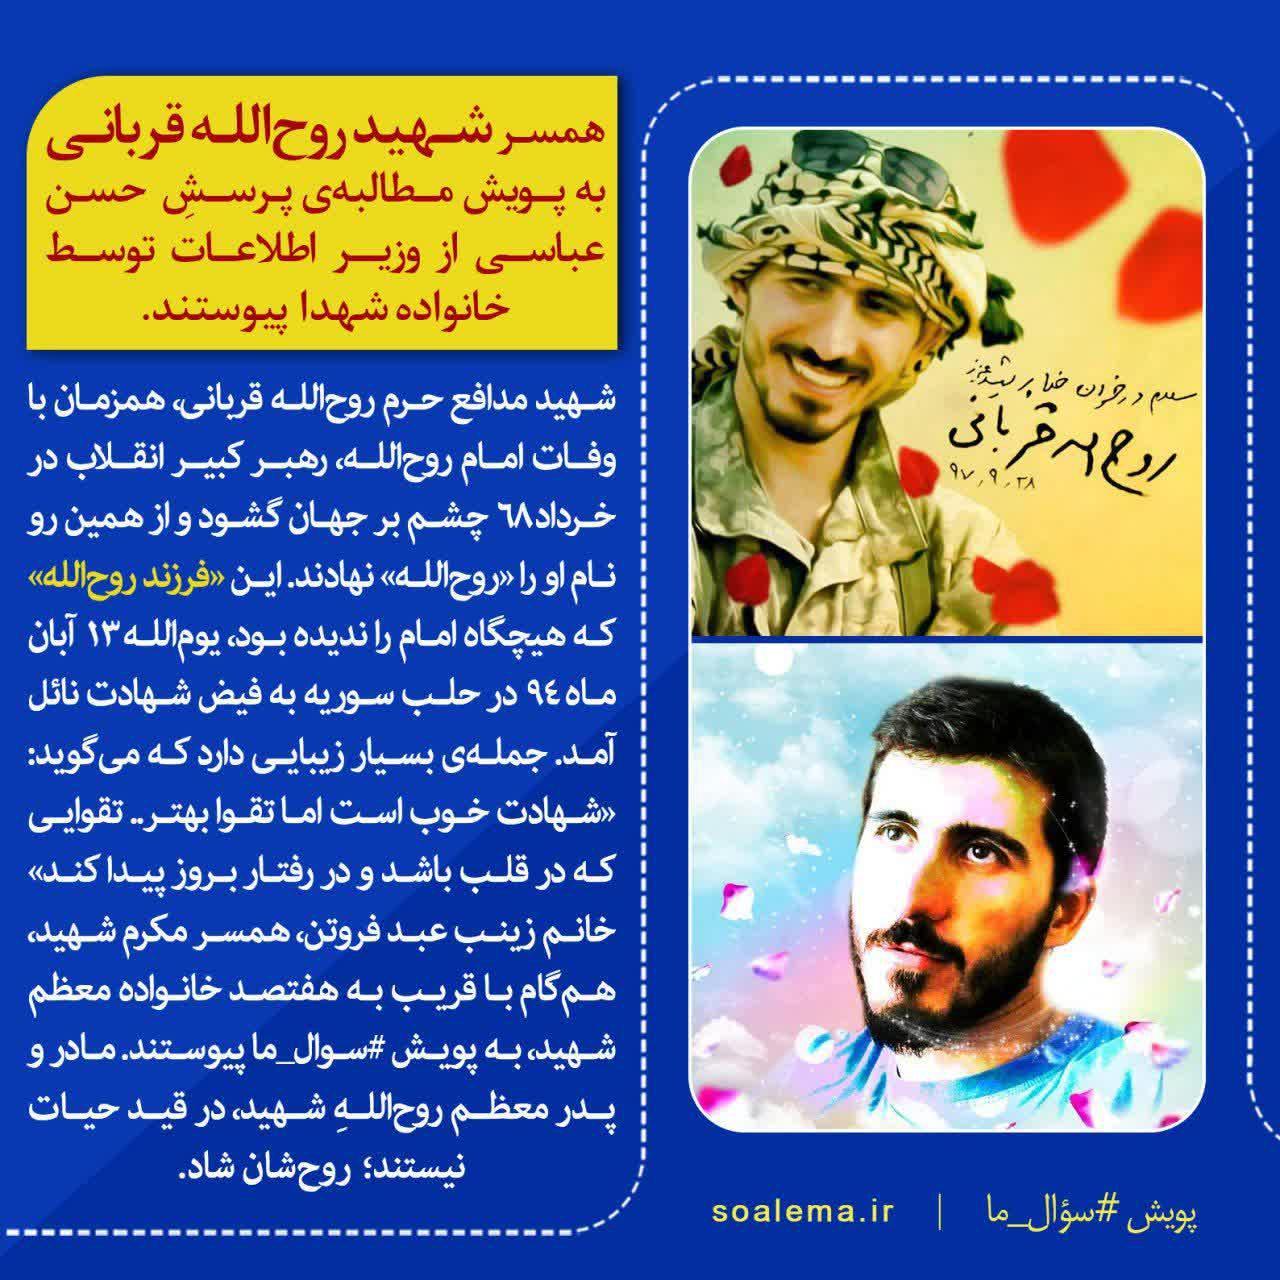 http://dl-abbasi.ir/yekta/1398/Graphic/Shohada/Shakhes23.jpg